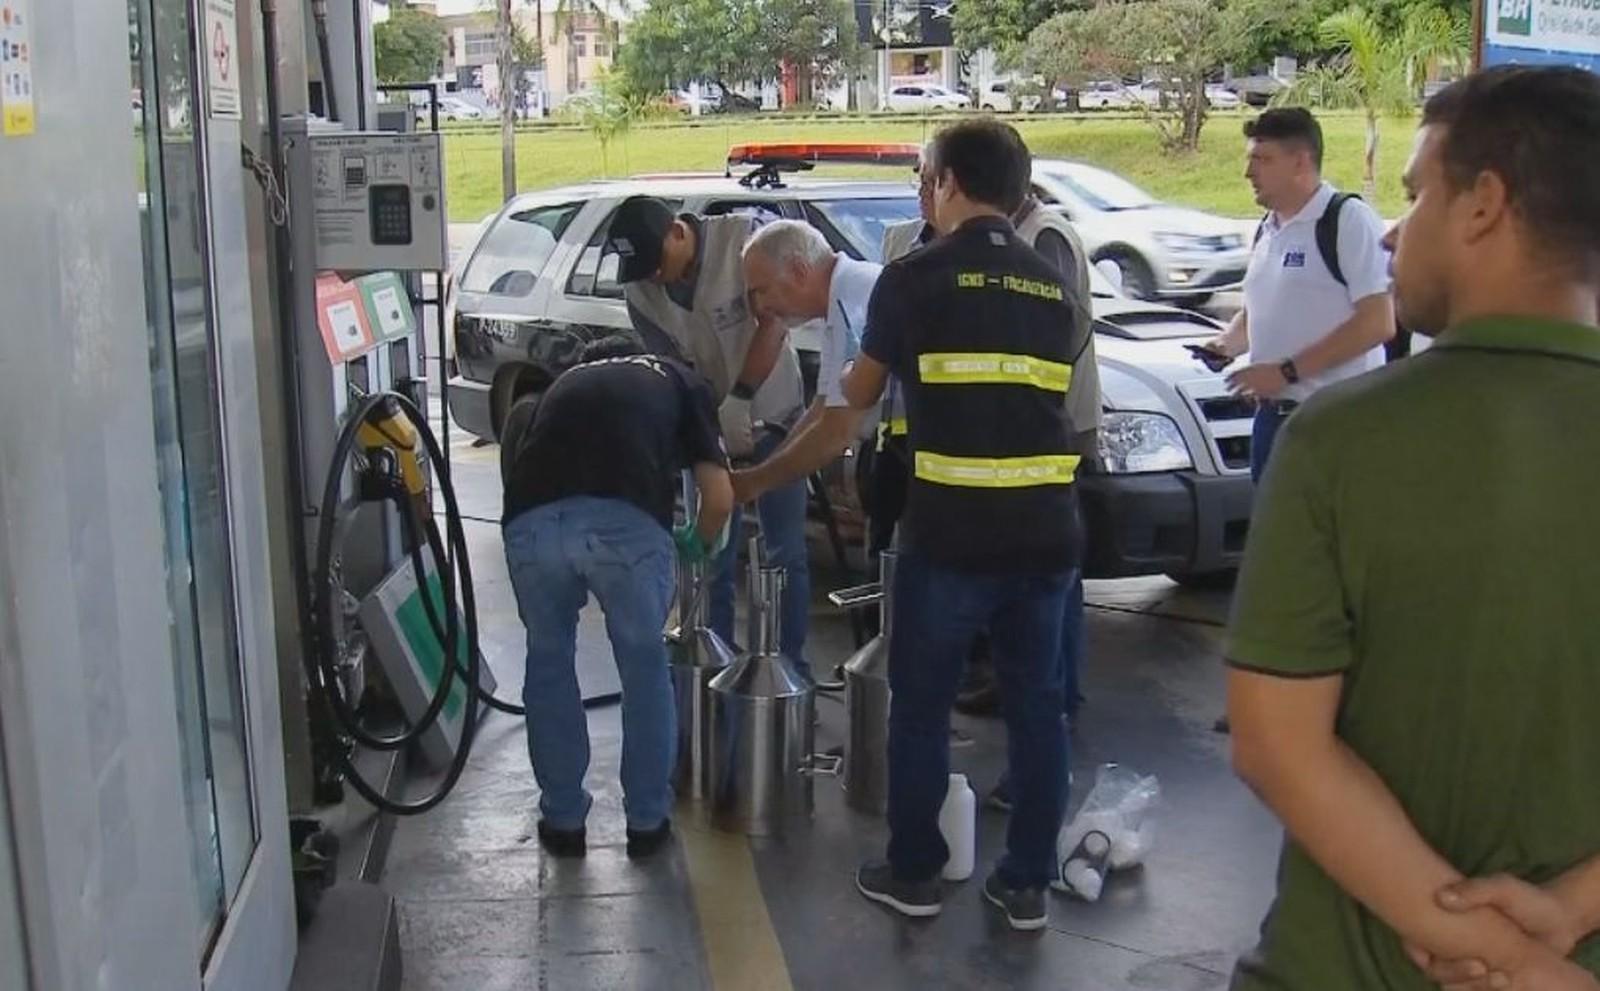 Operação do Procon, Polícia Civil e Ipem lacrou bombas de combustíveis de posto na Avenida Tiradentes — Foto: Reprodução/ TV TEM